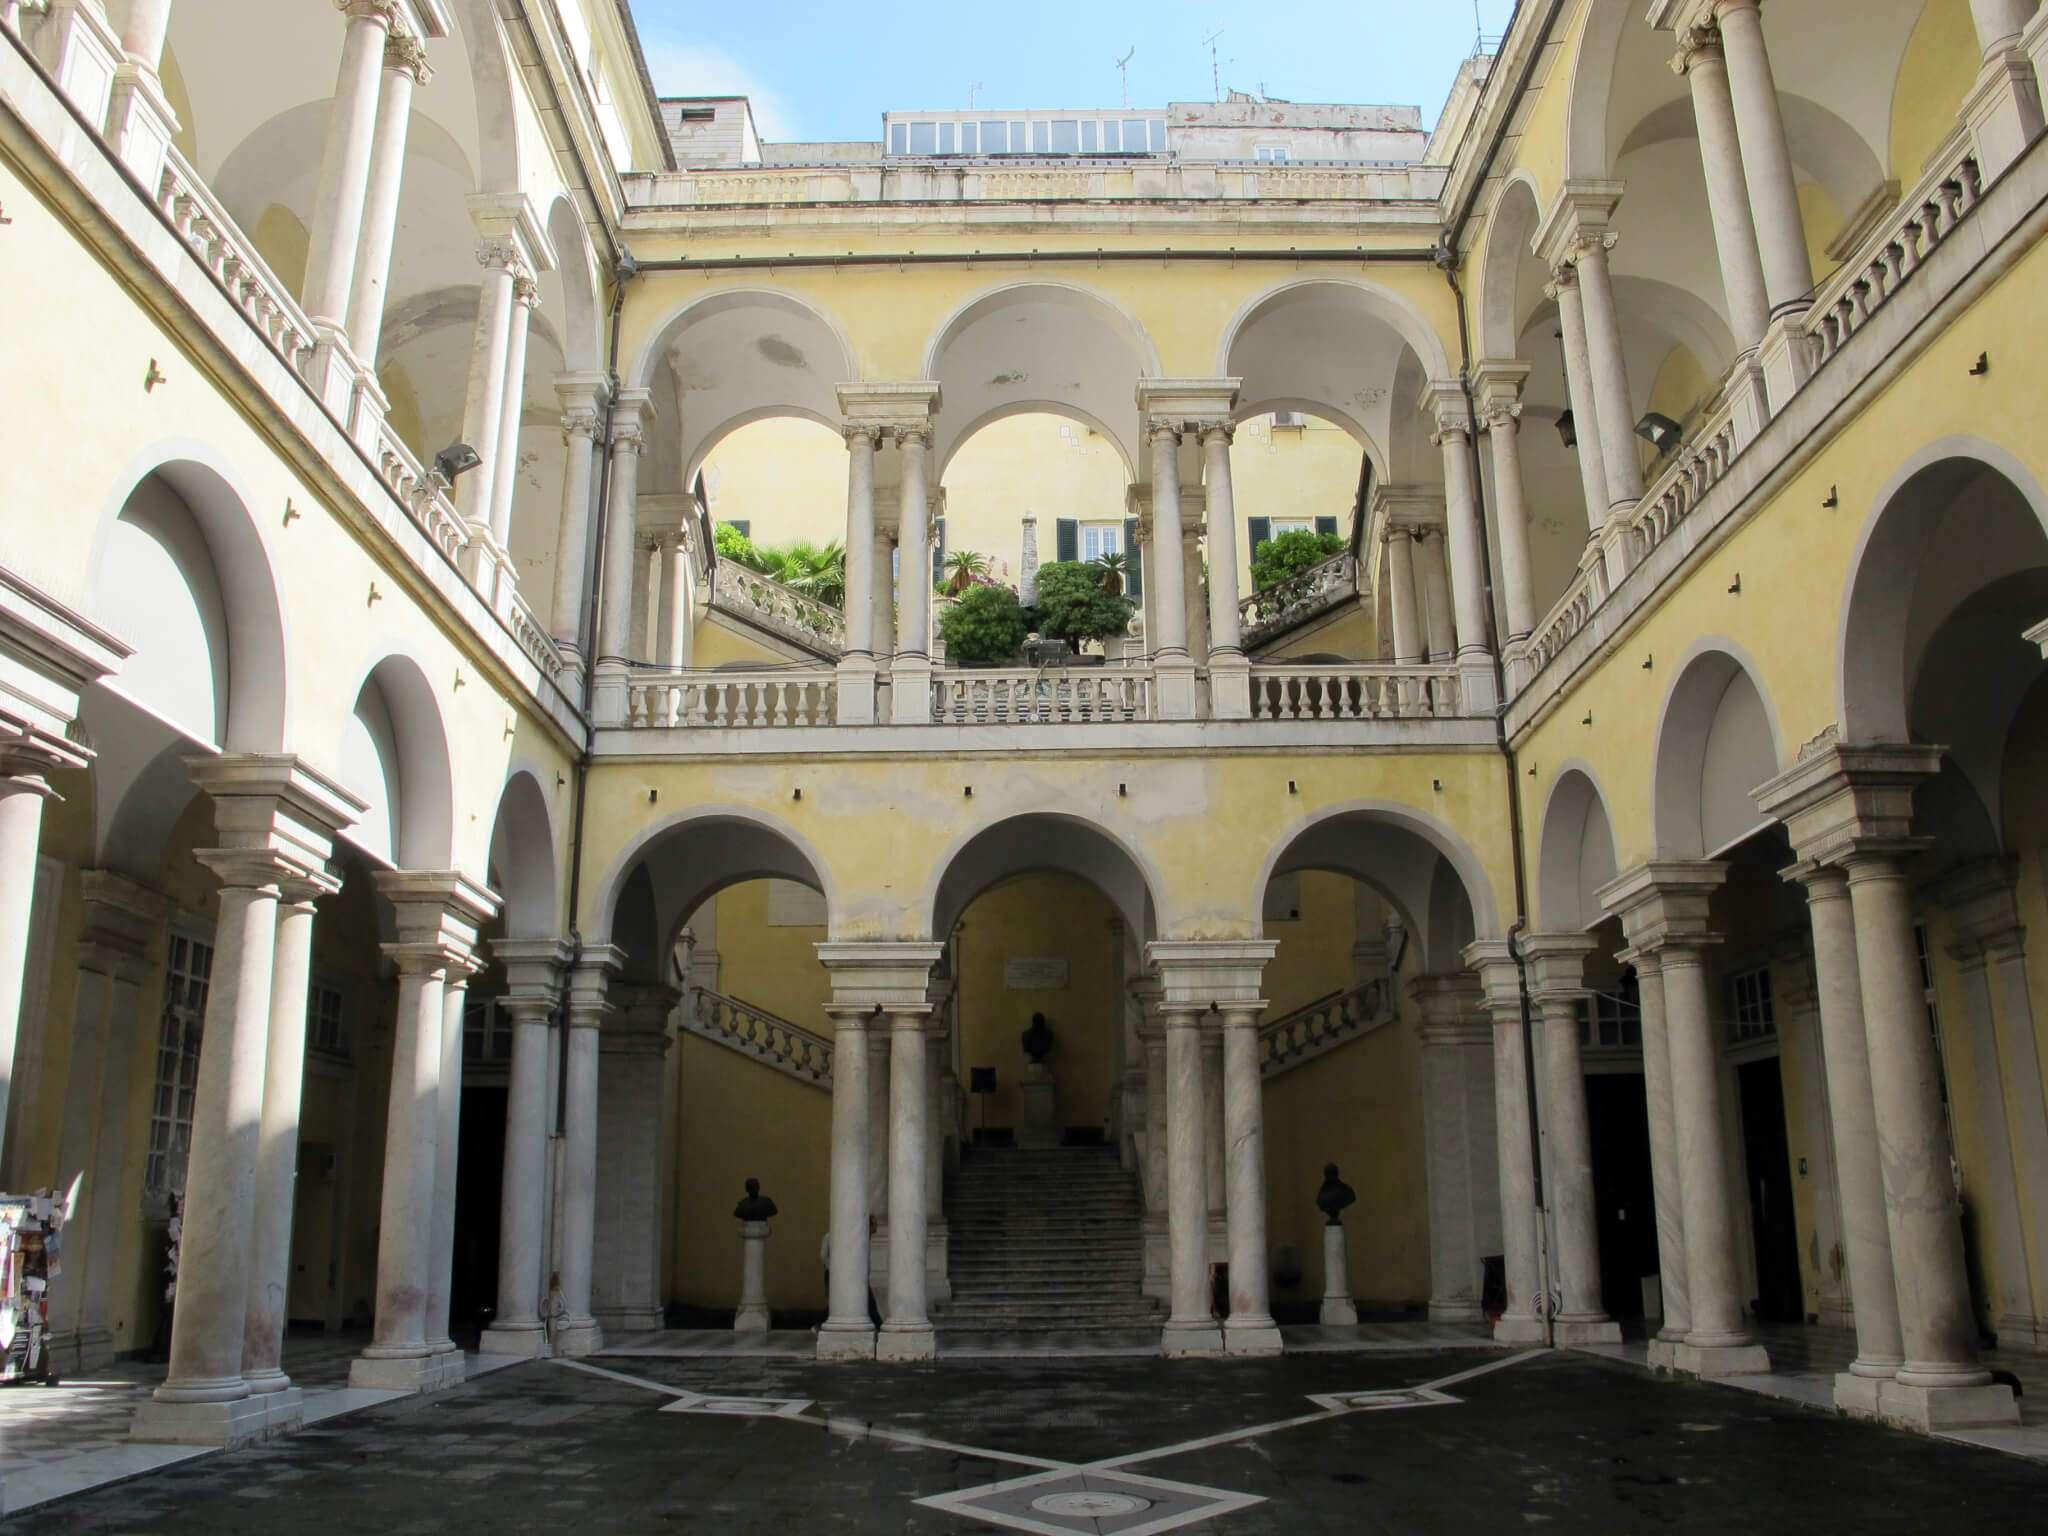 Calendario Medicina Unige.Universita Di Genova La Razionalizzazione Di Comanducci